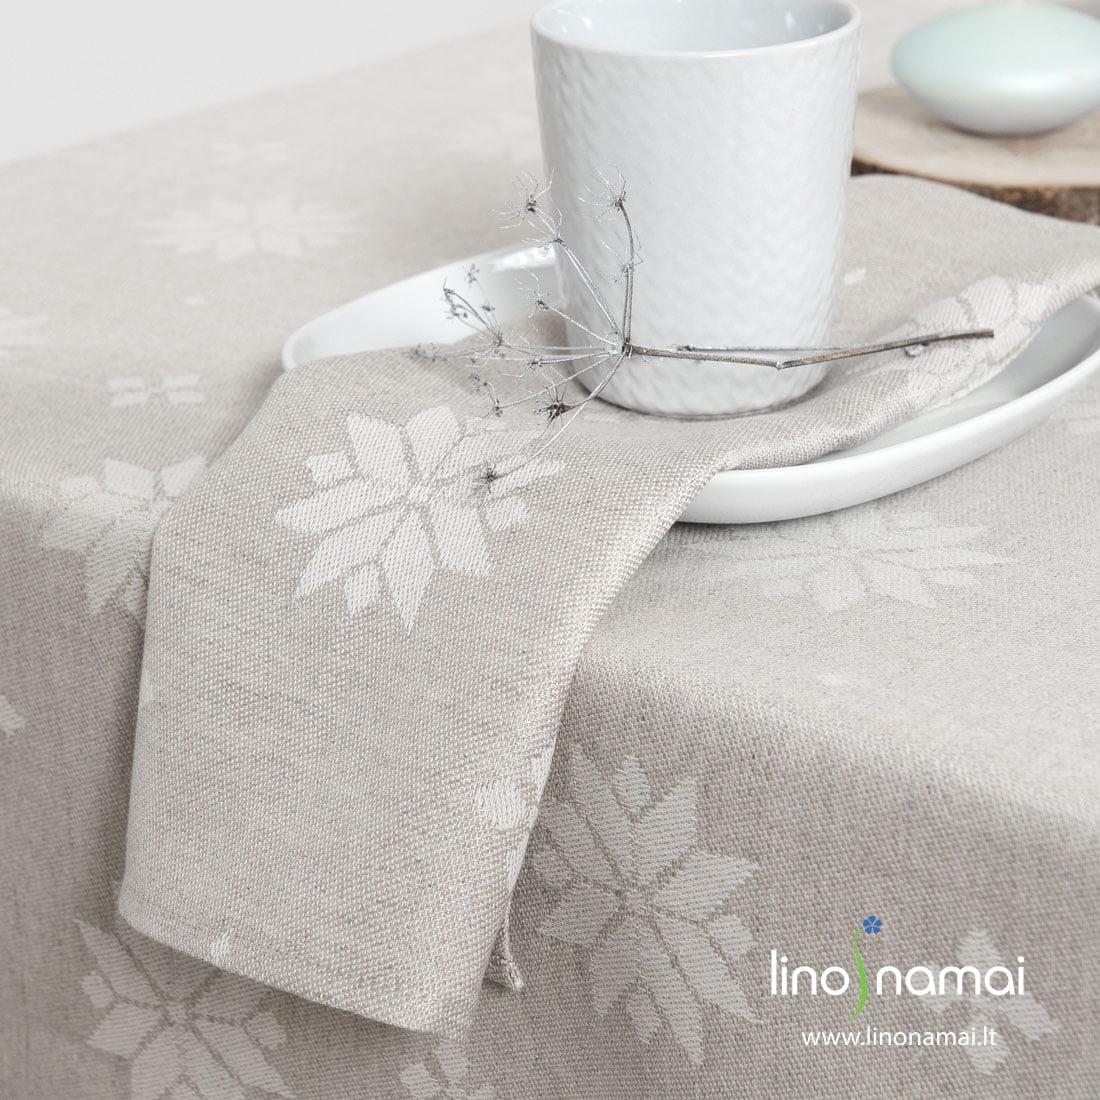 Puslininė šviesiai pilka servetėlė su žvaigždėmis